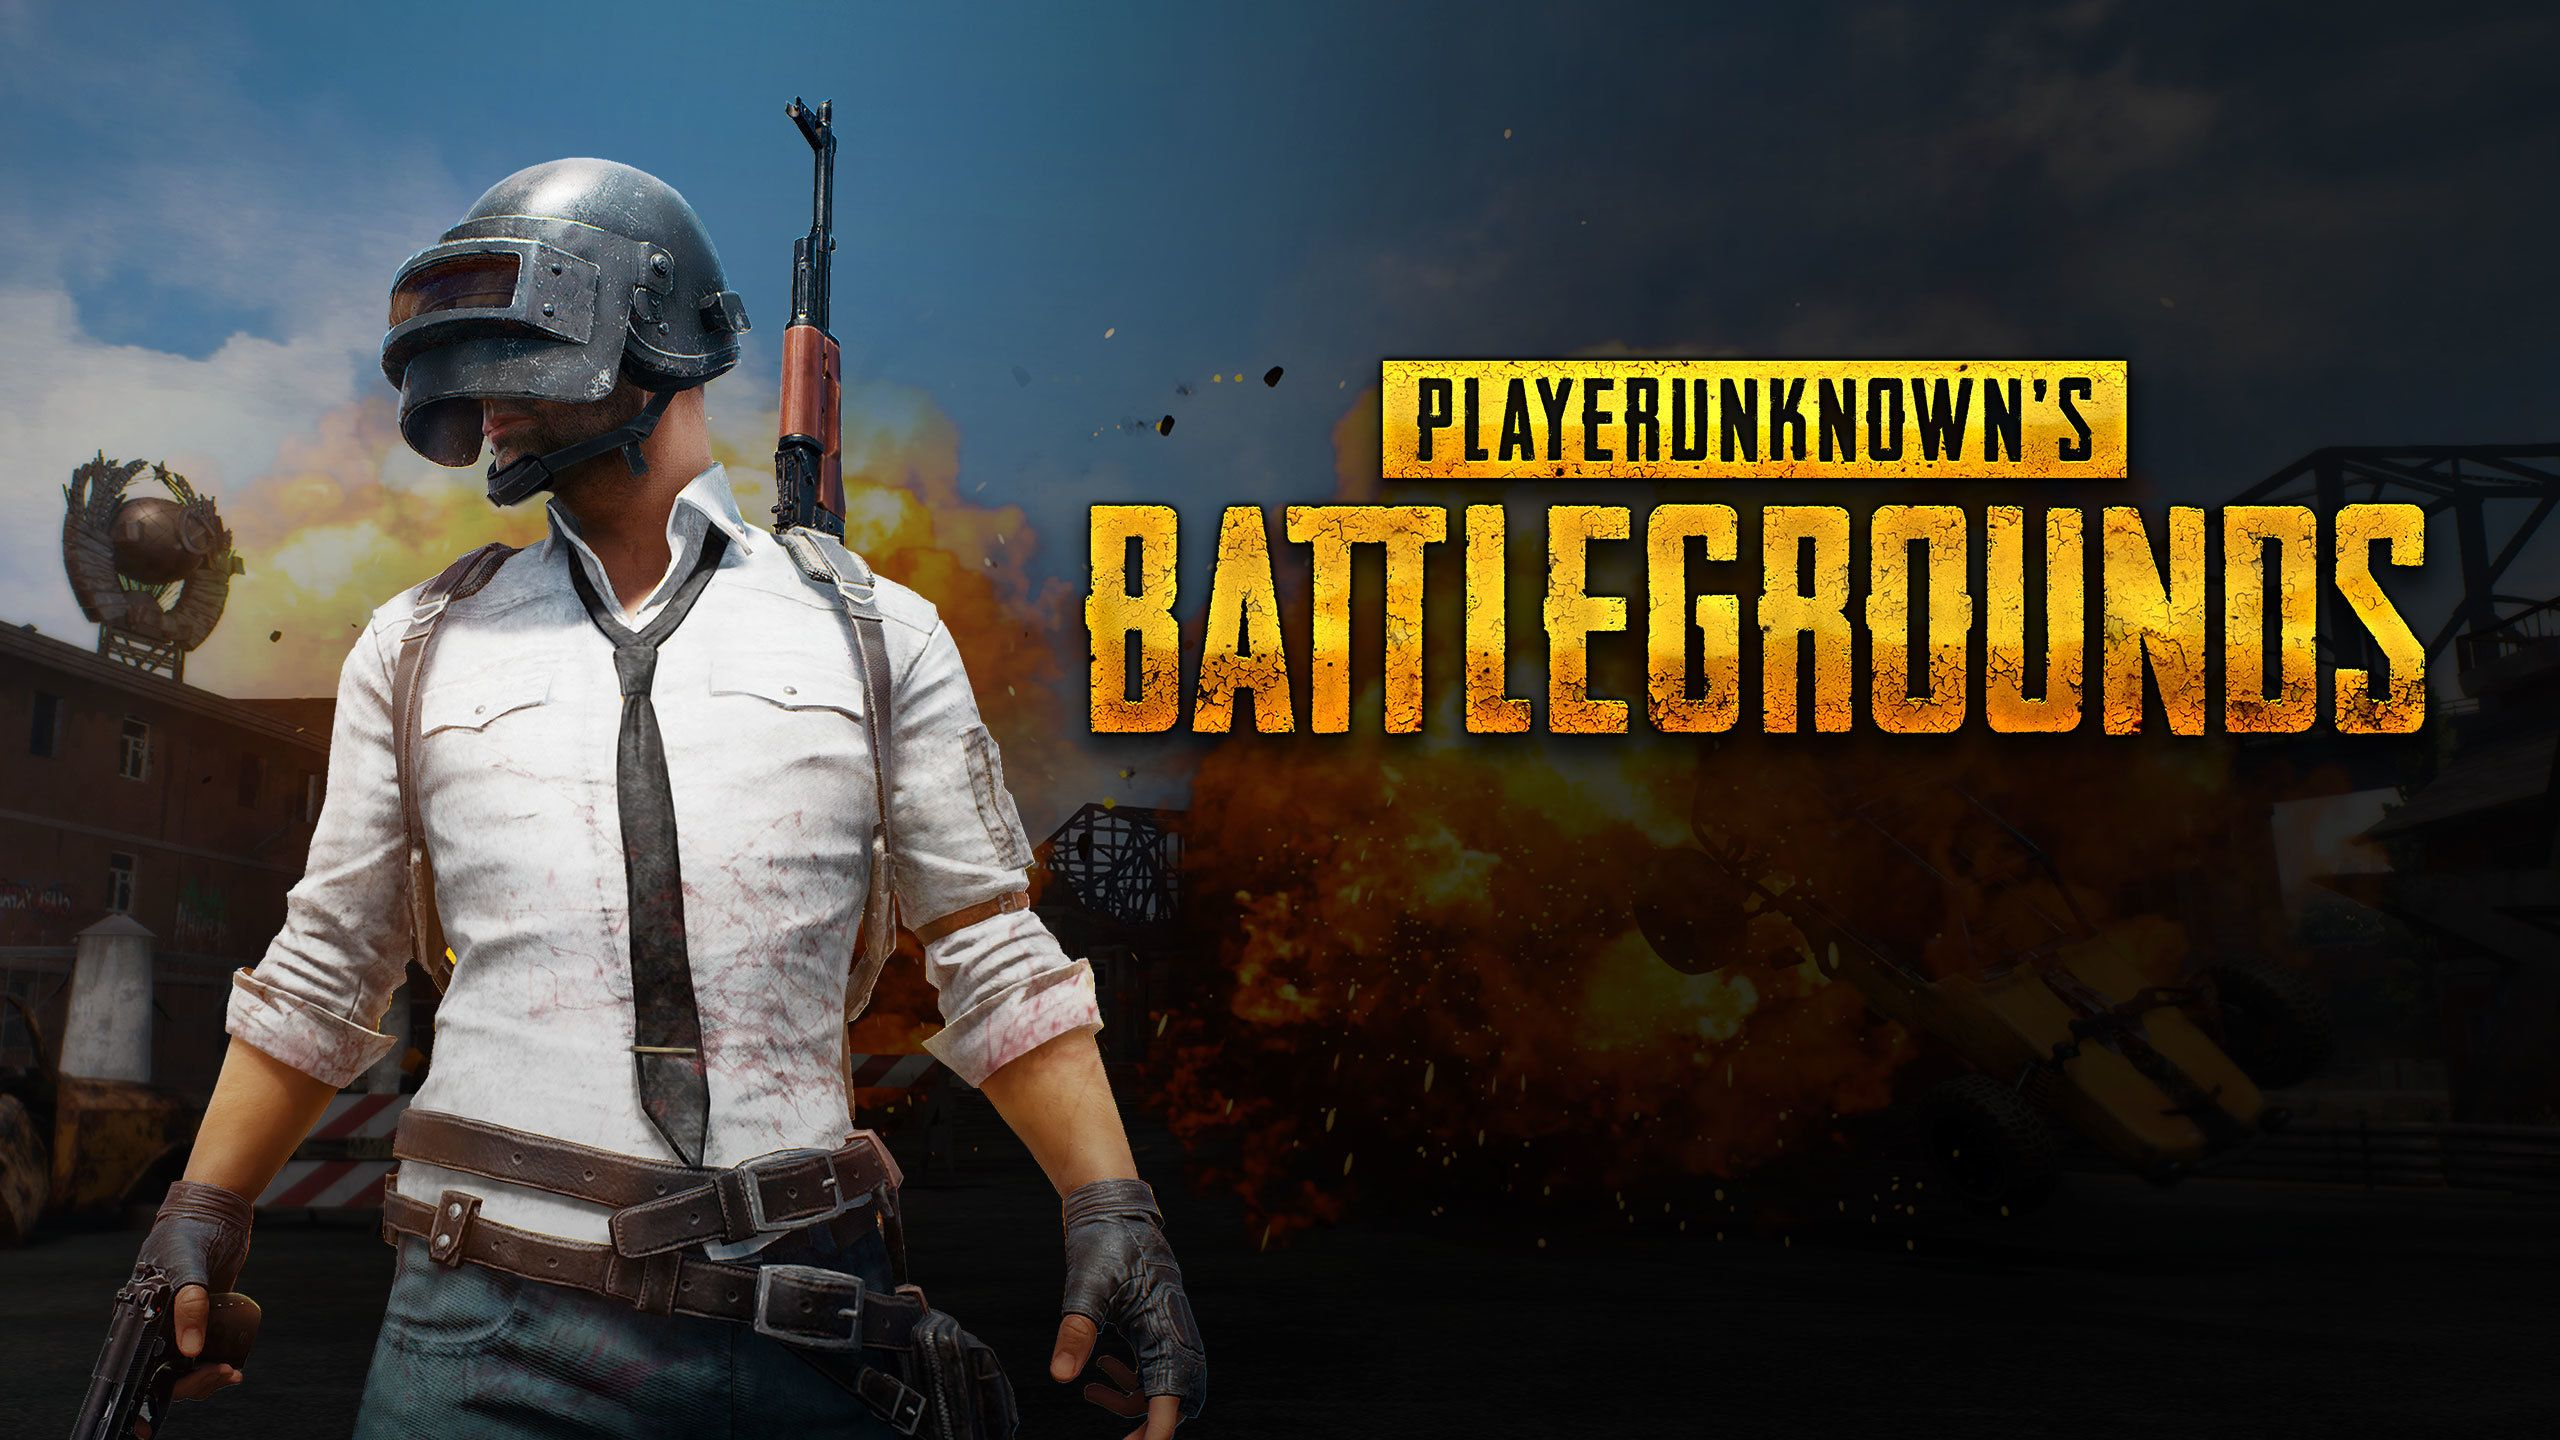 Battleground Hd Wallpapers Top Free Battleground Hd Backgrounds